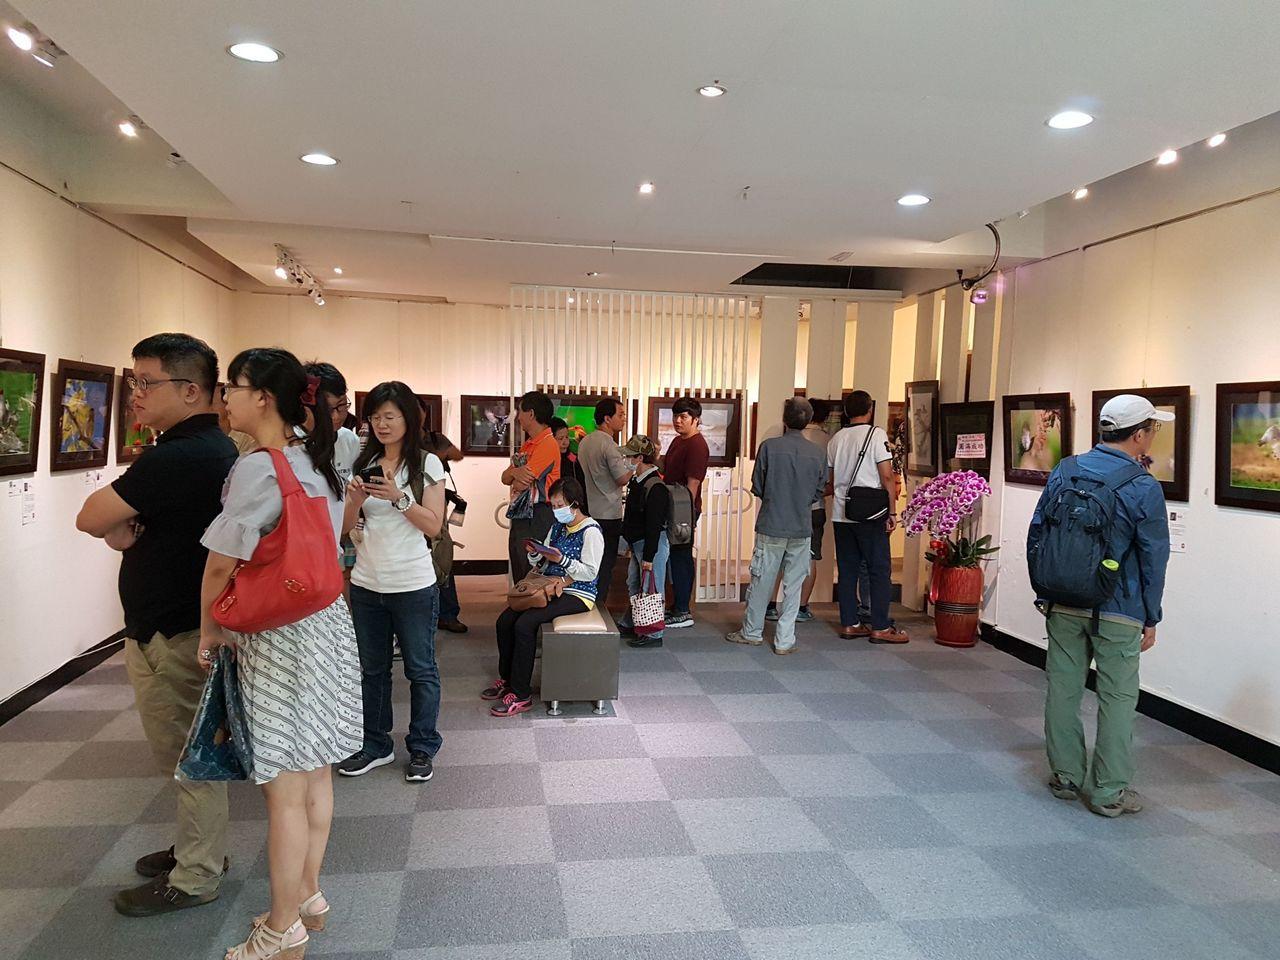 由全台愛好「拍鳥」人士成立的「拍鳥俱樂部」,在台南新化楊逵文學館舉行作品聯展。圖...